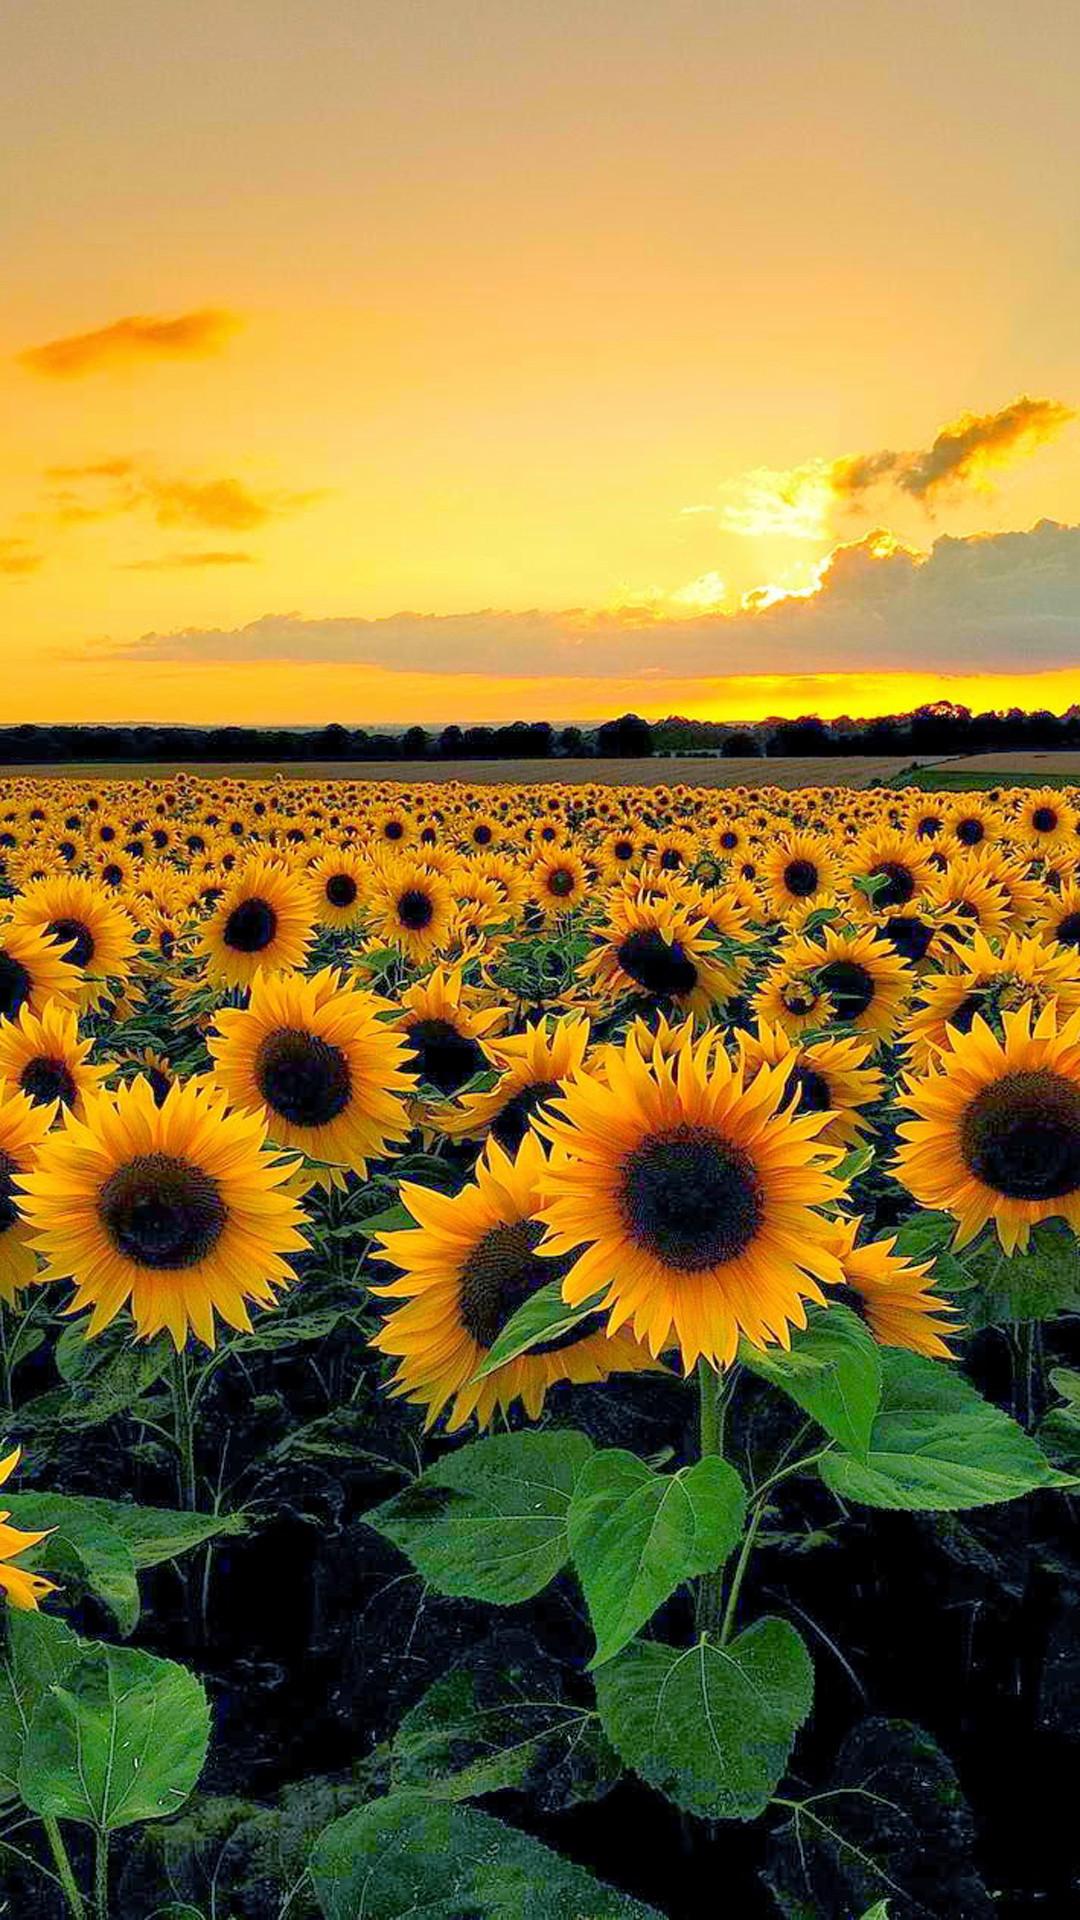 Sunflowers Wallpaper ·① WallpaperTag